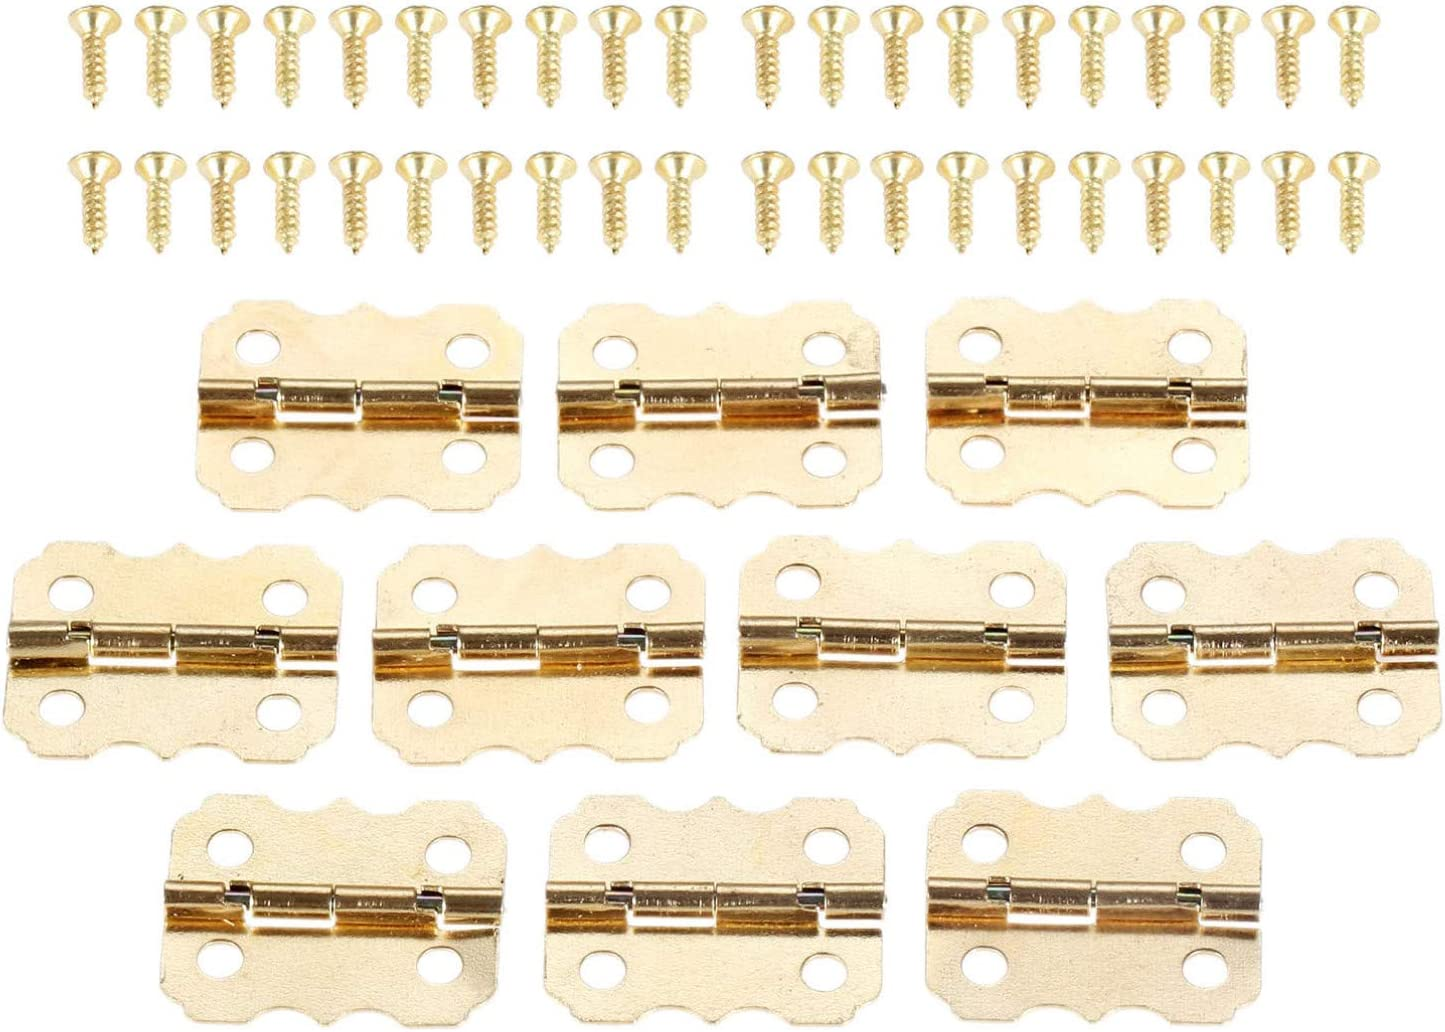 10 Uds bisagras de Metal dorado para muebles, bisagra de puerta de cajón de armario, bisagras decorativas de mariposa de 4 agujeros para joyero de 25 * 20mm